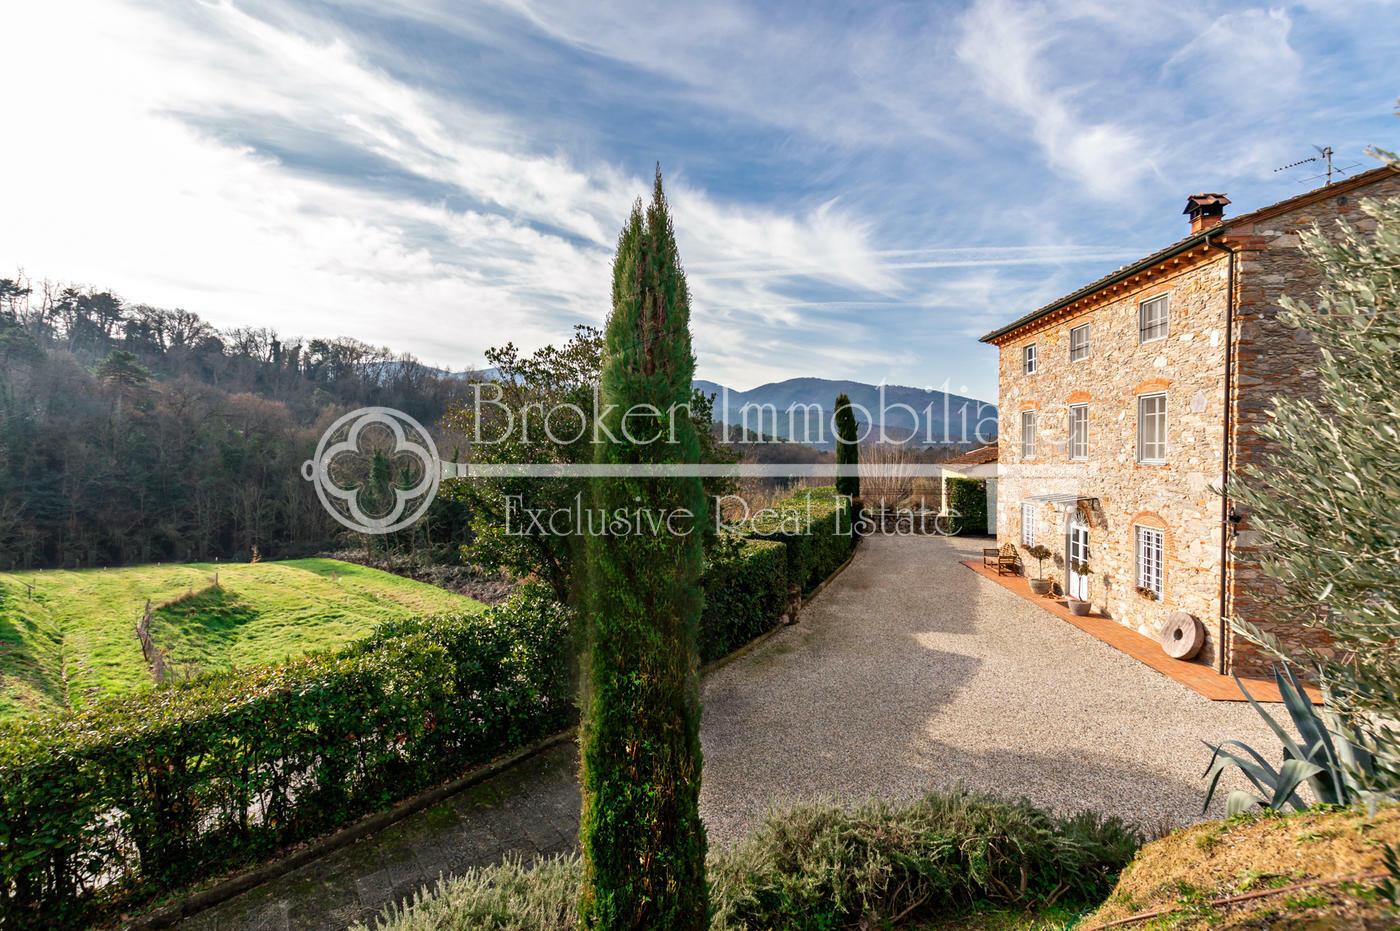 Splendido casale toscano in sasso in vendita sulle colline di Lucca